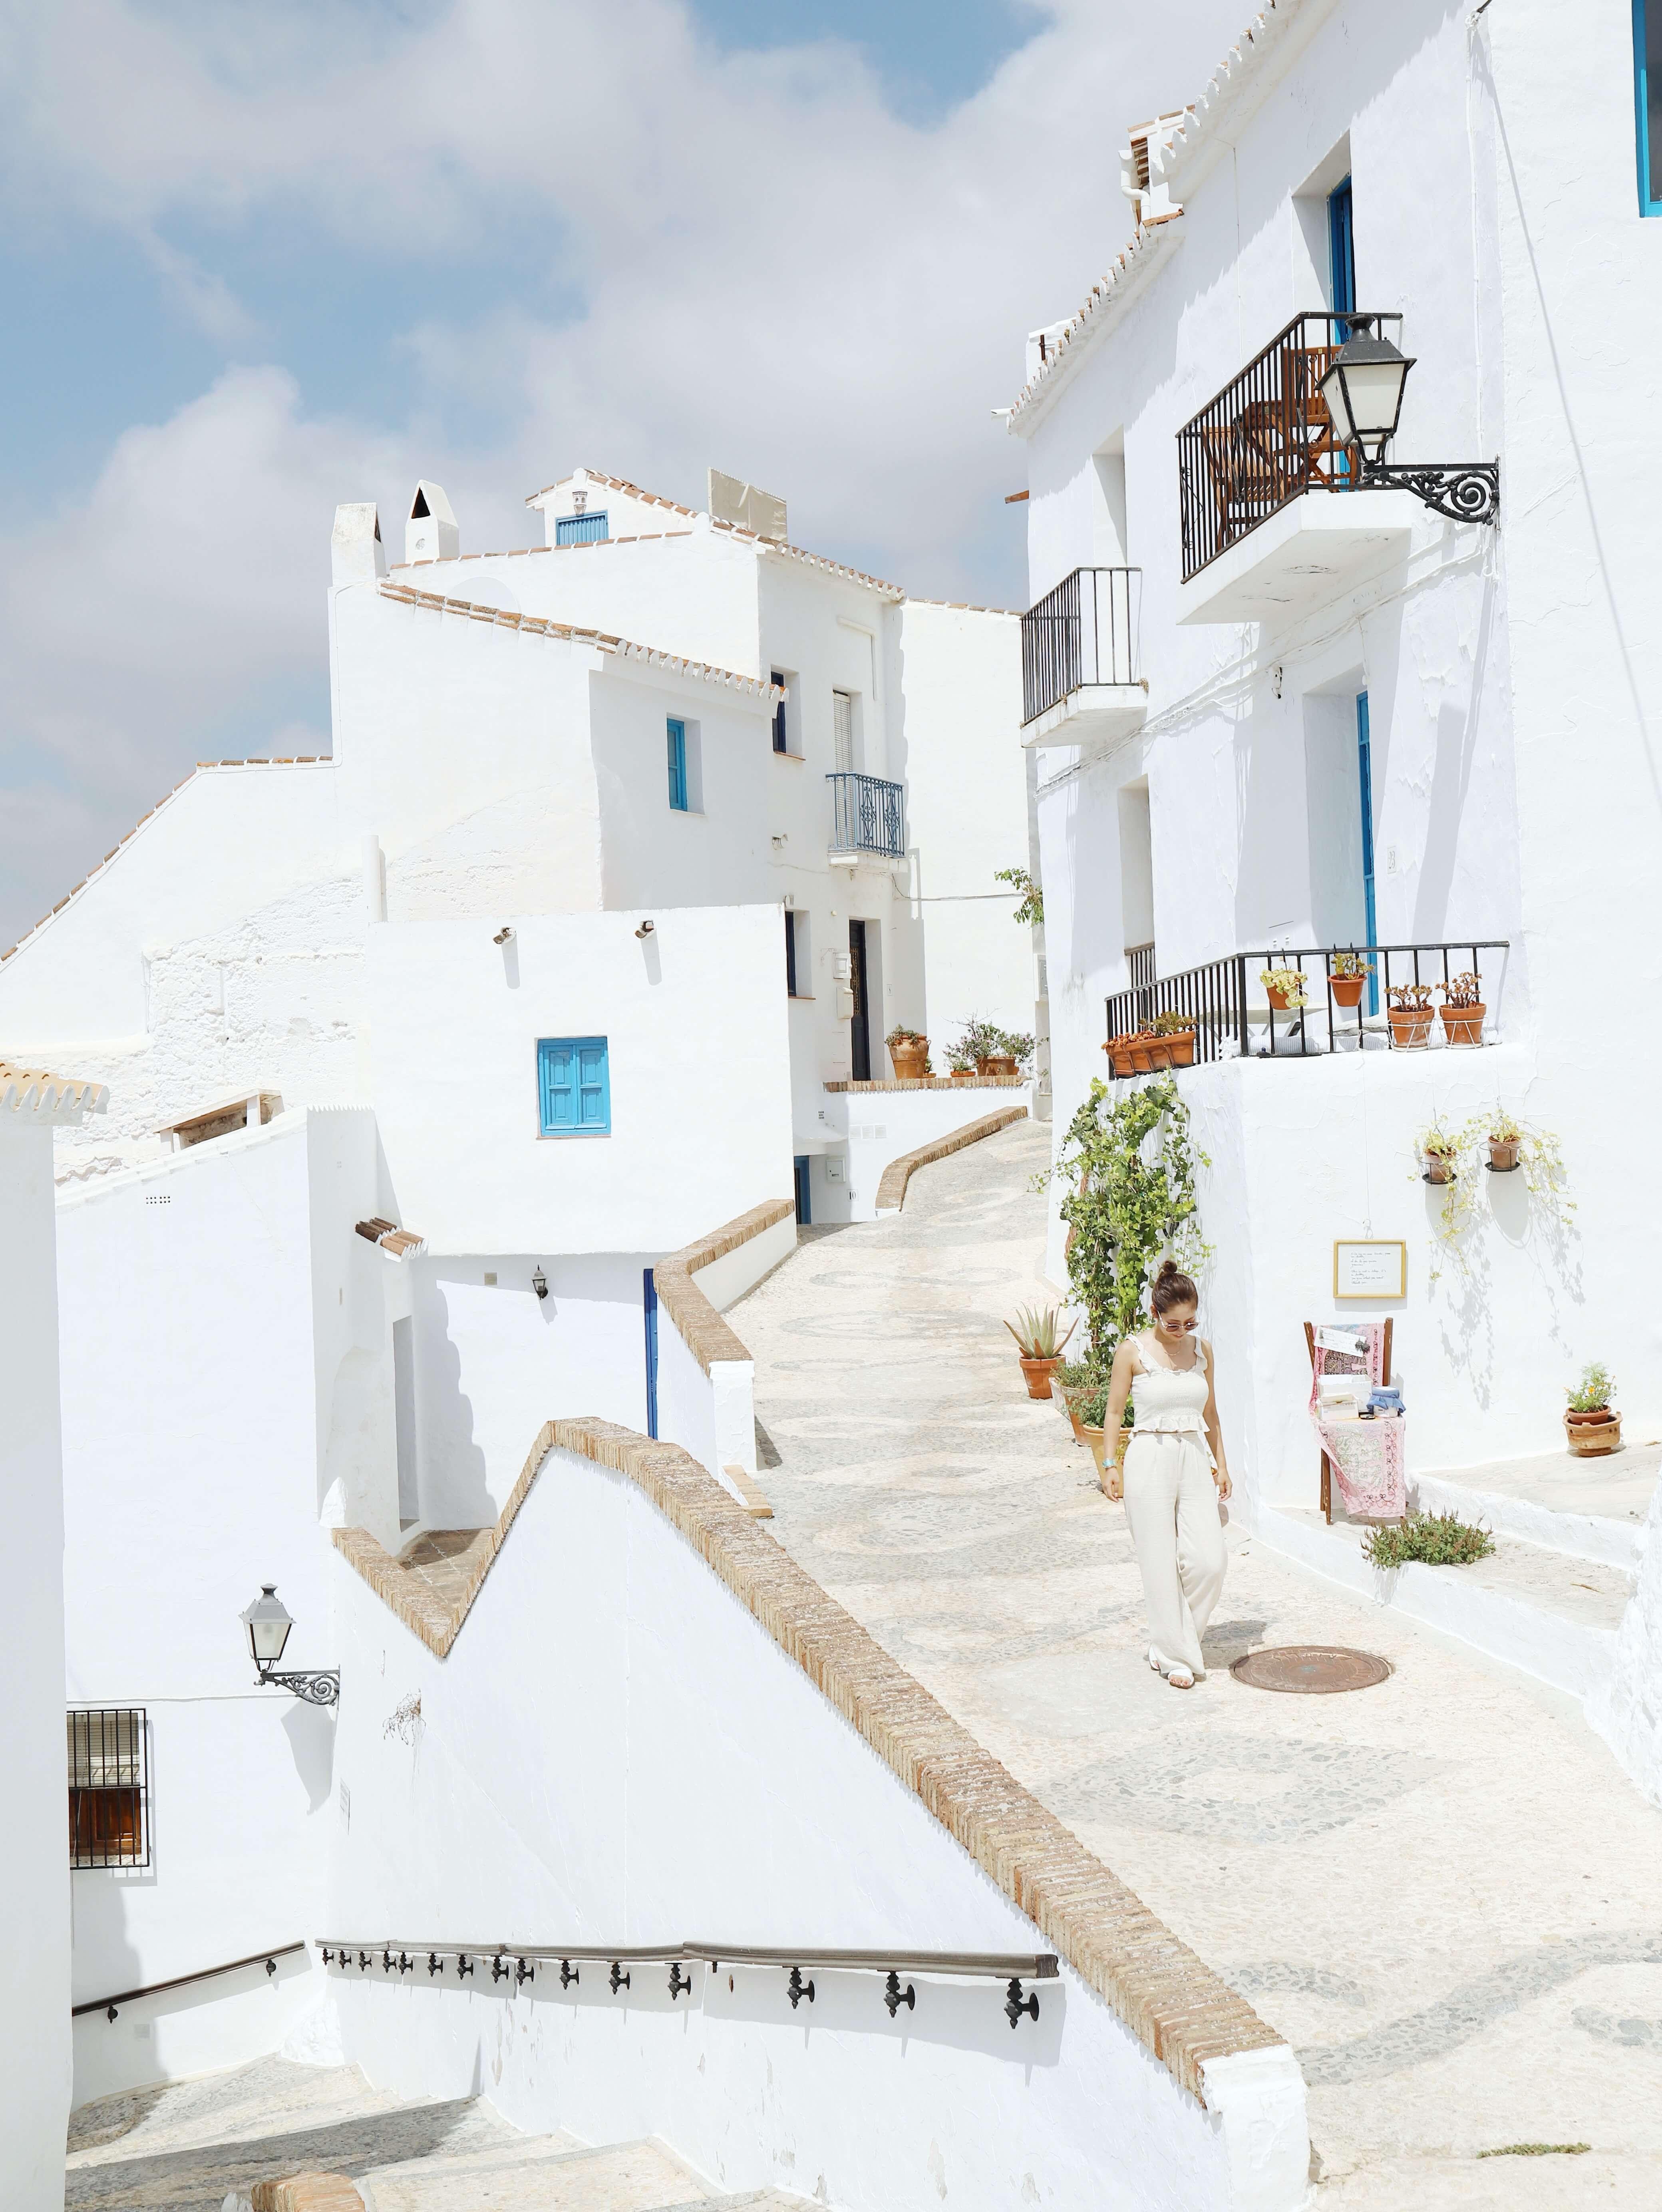 【スペイン周遊】アンダルシアの白い街巡り「ミハス・フリヒリアナ」。そして世界遺産アルハンブラ宮殿も!